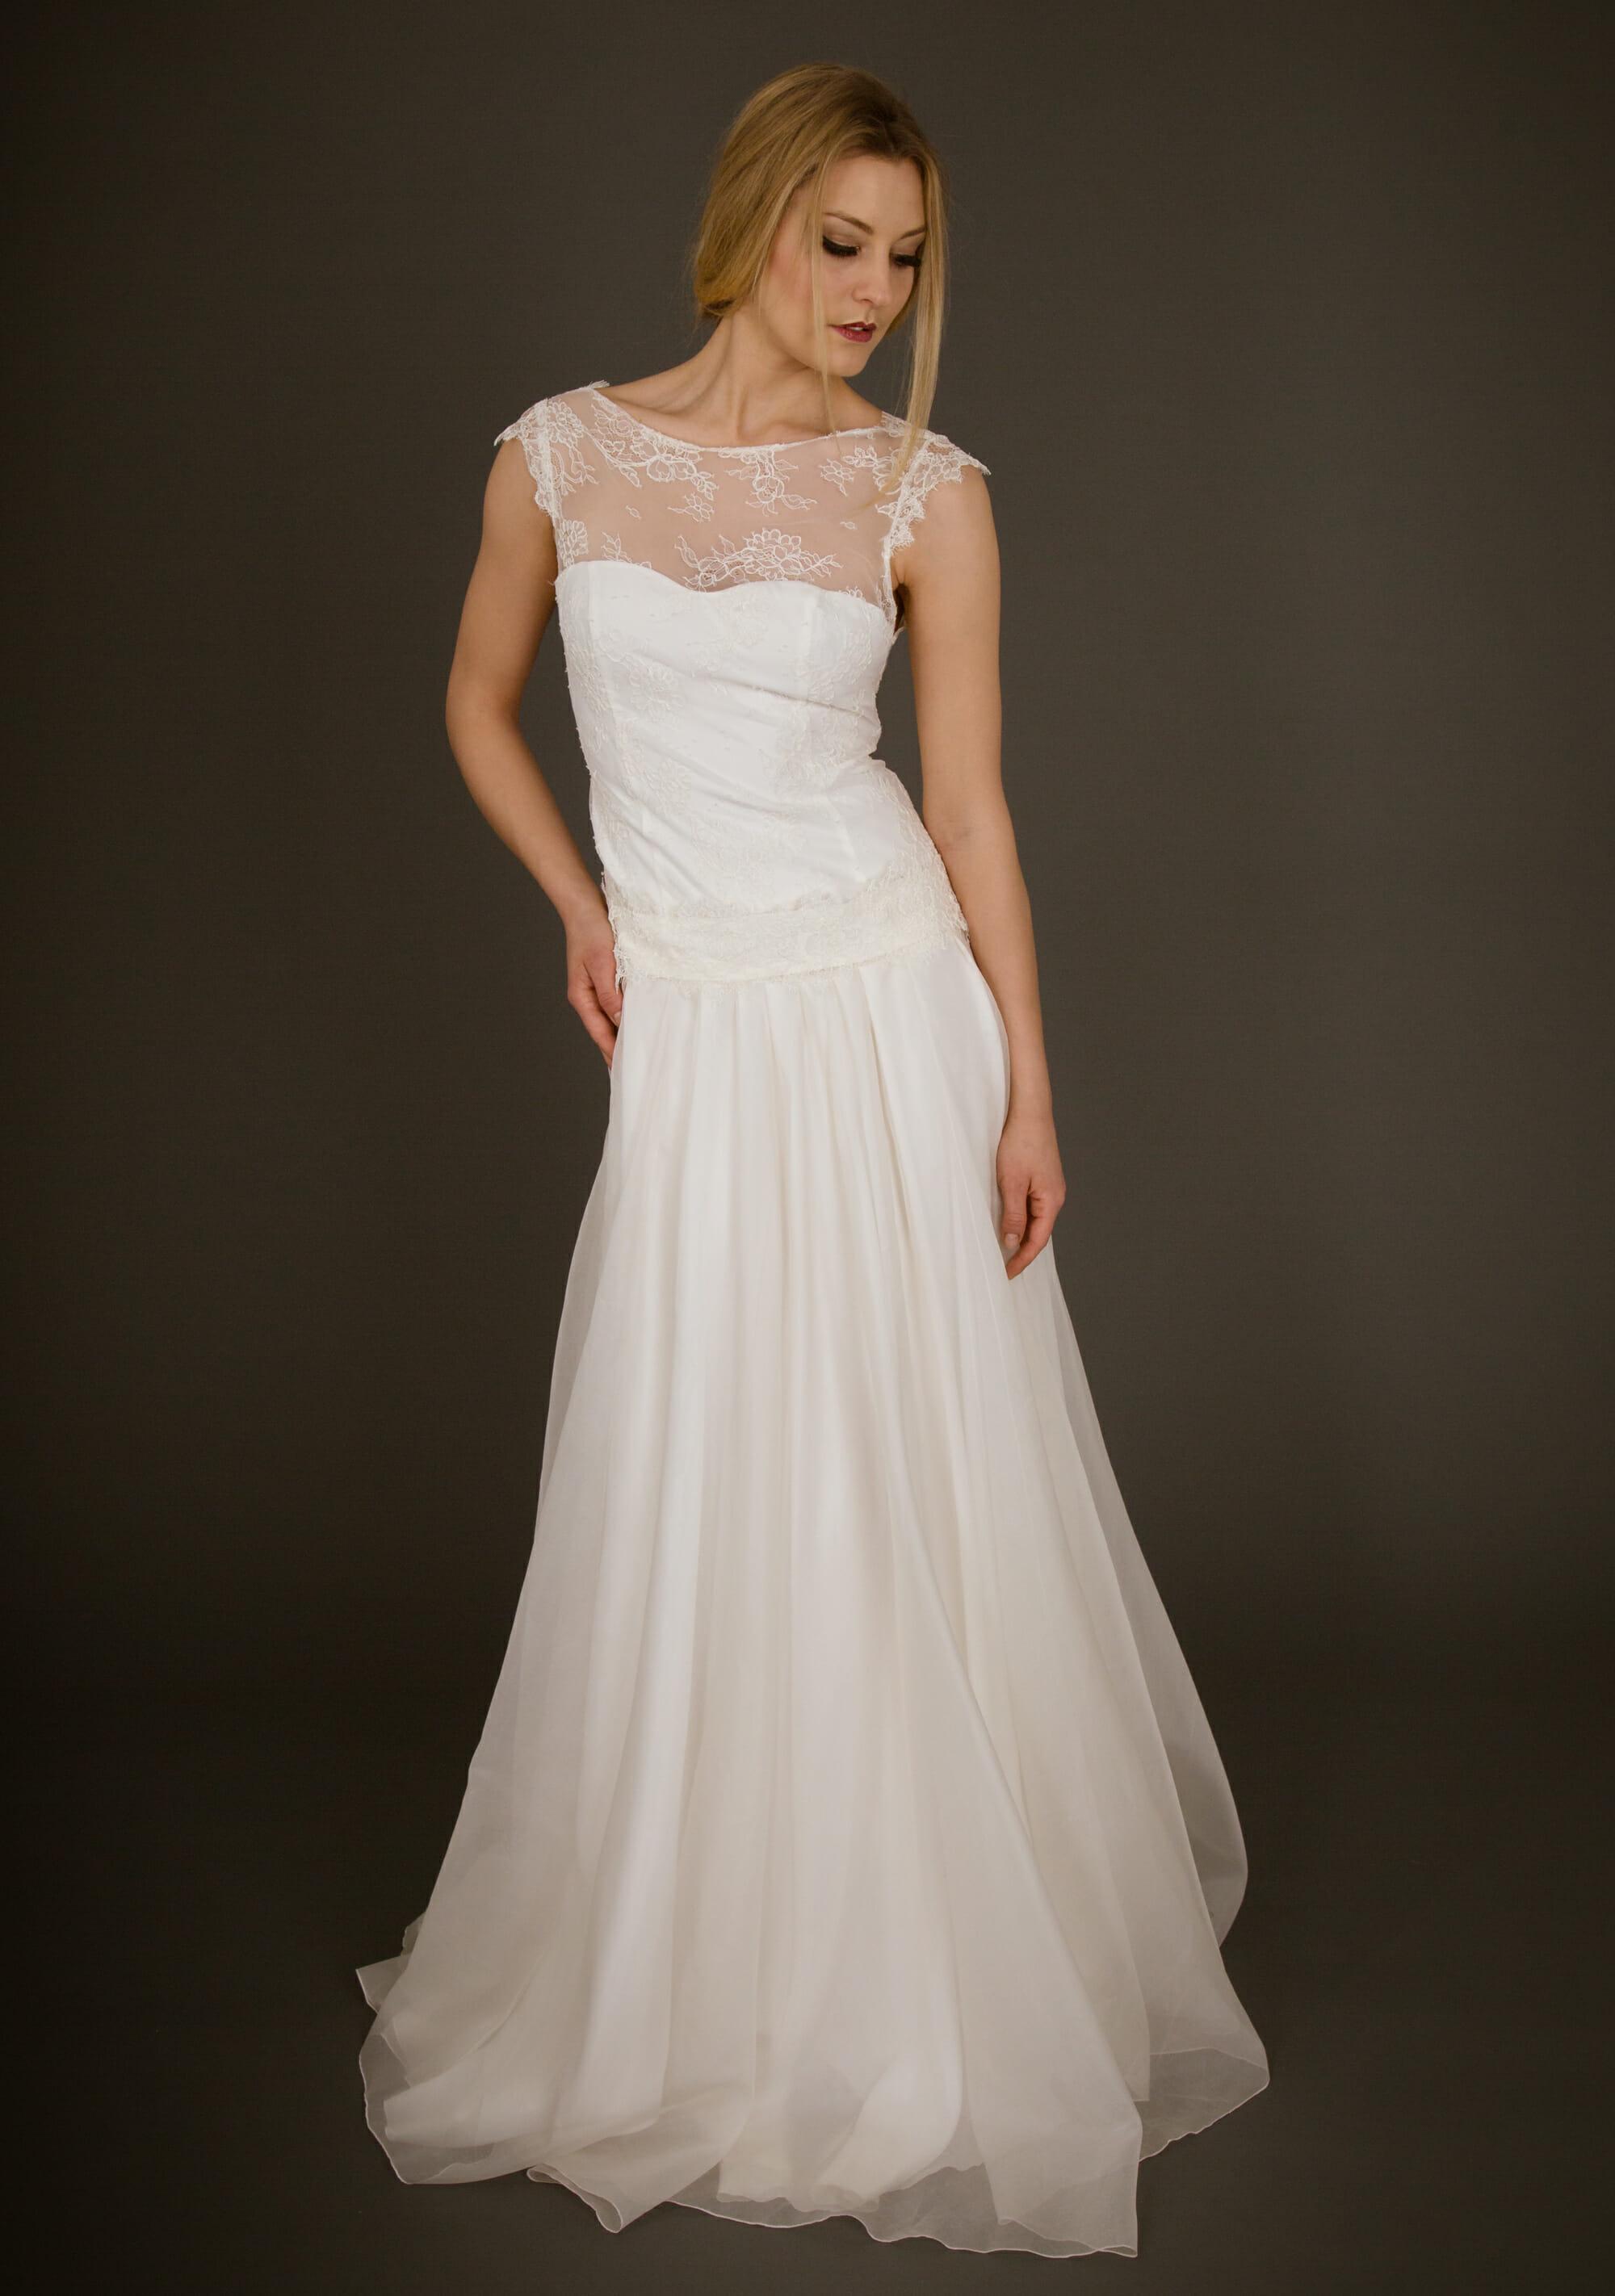 Brautkleid von ANNE WOLF. Modell Greta.